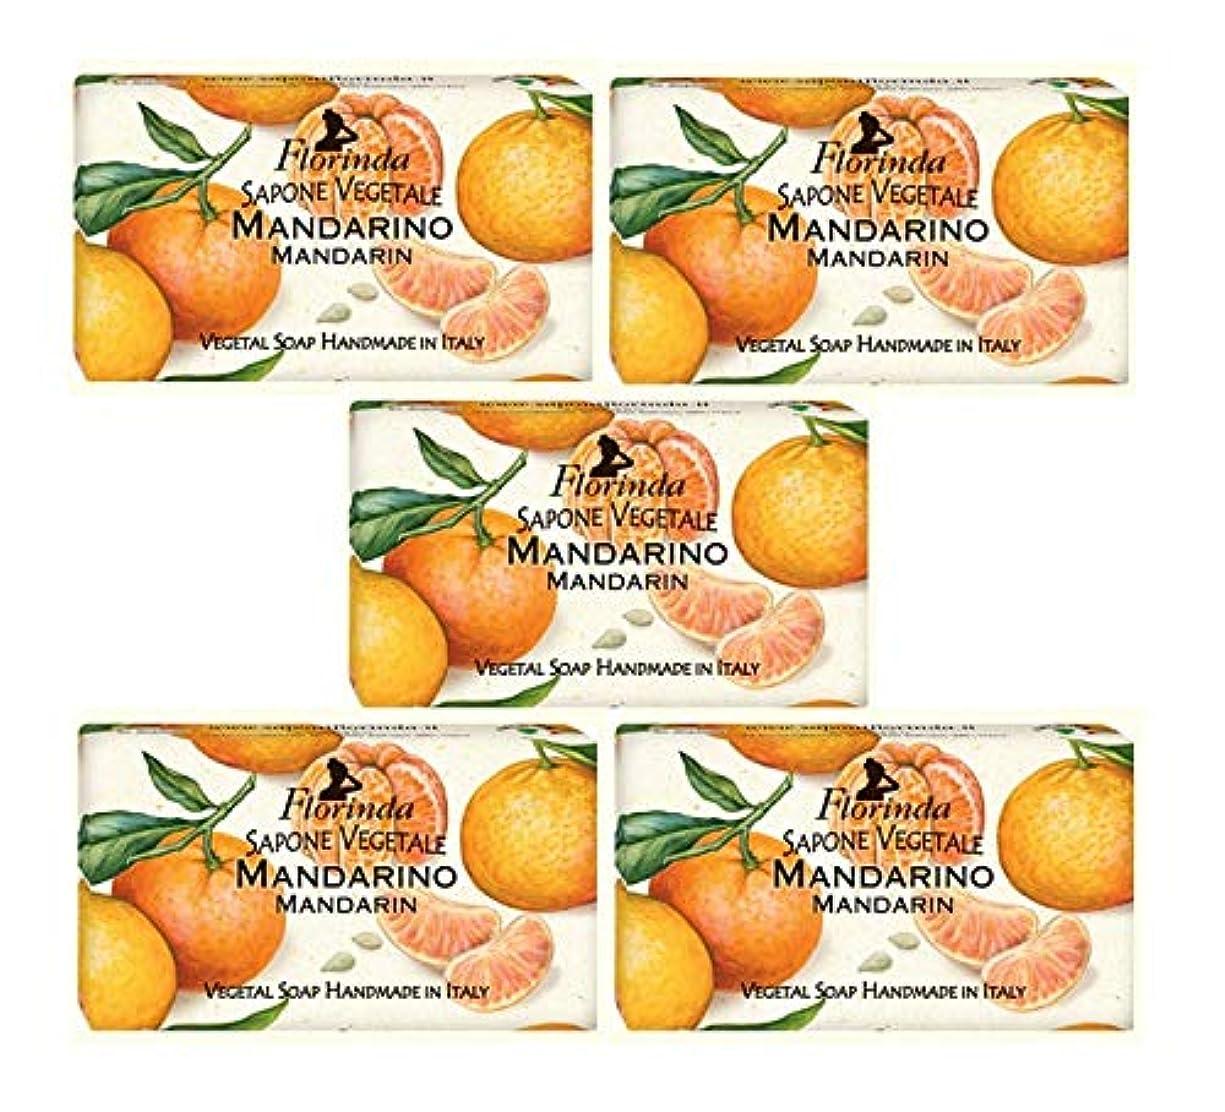 ホバート独占刈るフロリンダ フレグランスソープ 固形石けん フルーツの香り マンダリン 95g×5個セット